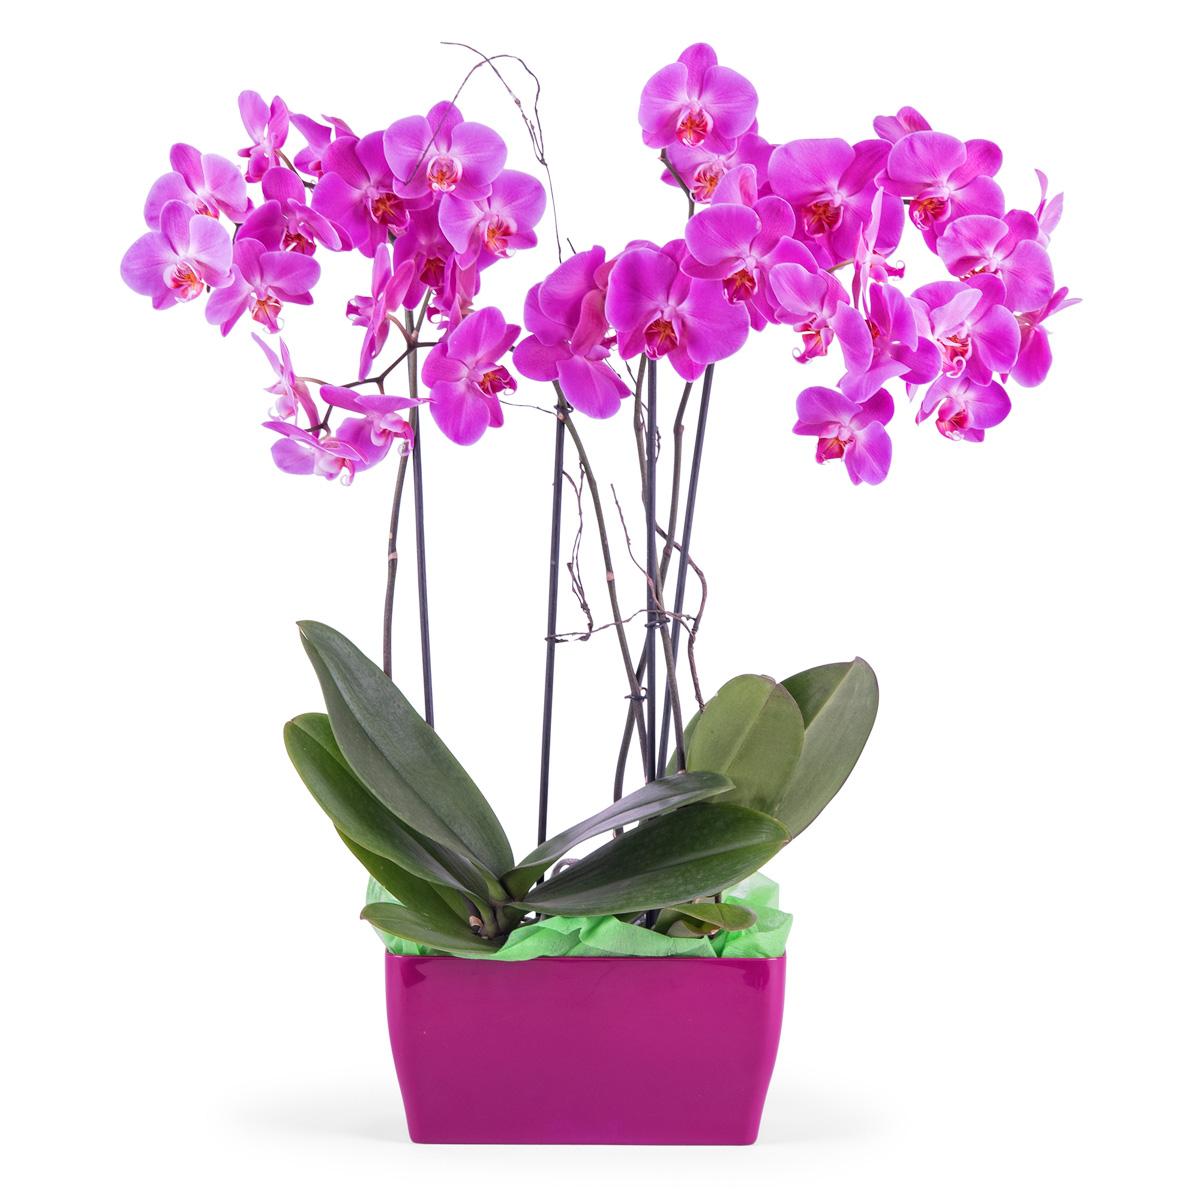 Arreglo de orquideas Phalaenopsis - Env?o de Flores a Domicilio